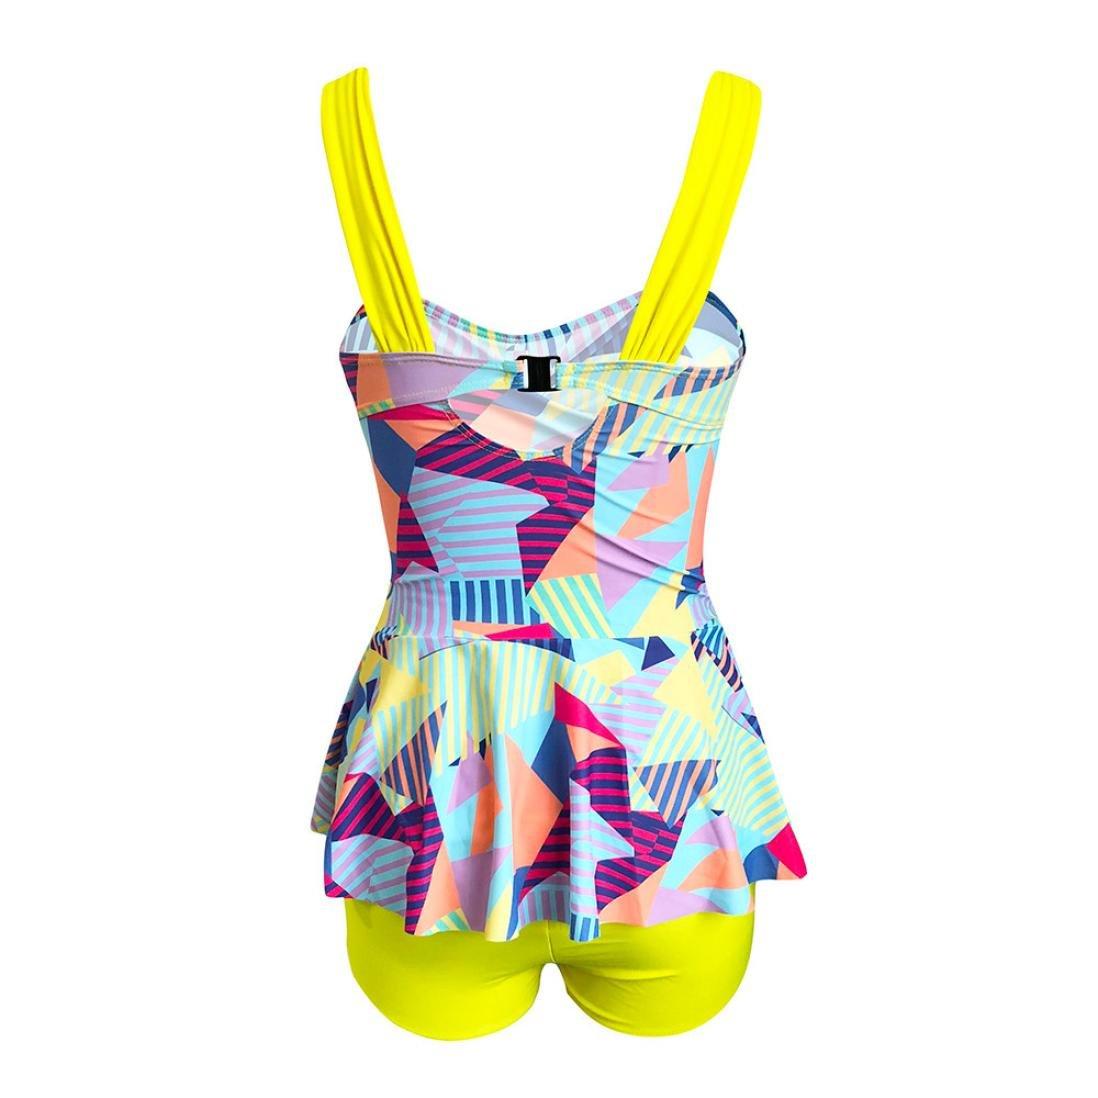 Rambling Women's High Waist Conservative Geometry Blocks Printing Swimdress Swimsuit Plus Size Swimwear S-5XL by Rambling (Image #5)